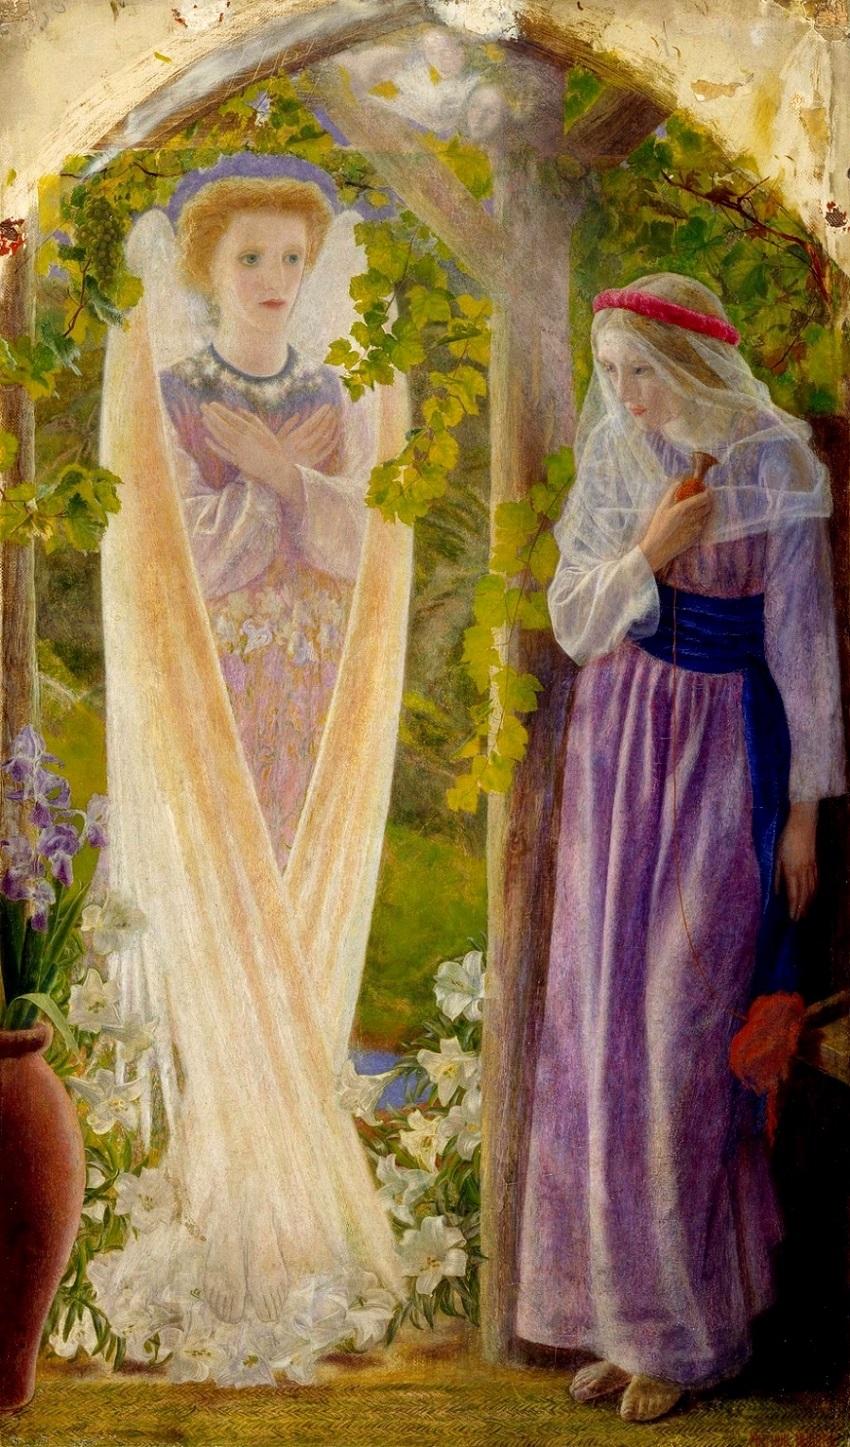 1857-1858 Благовещение (The Annunciation) Бирмингем, Музей и Художественная галерея